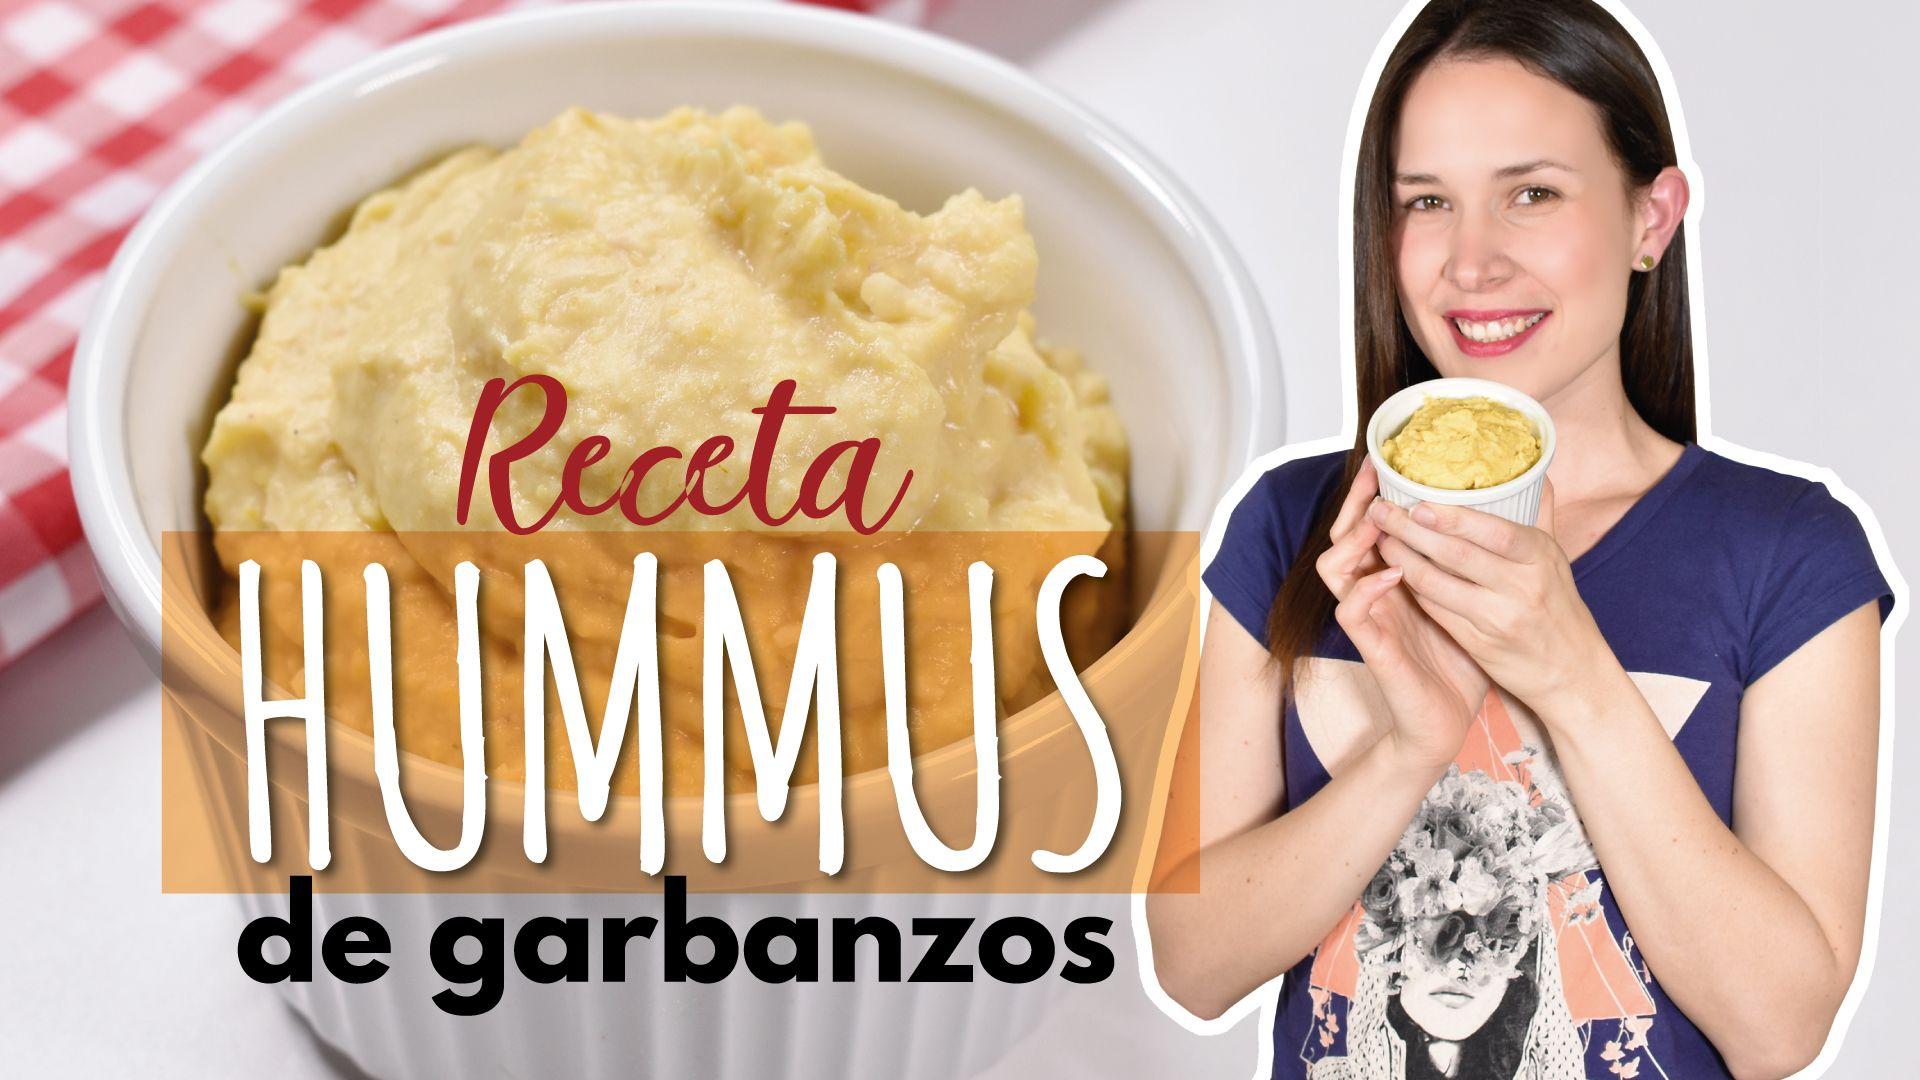 Hummus de garbanzos: una receta fácil y muy saludable